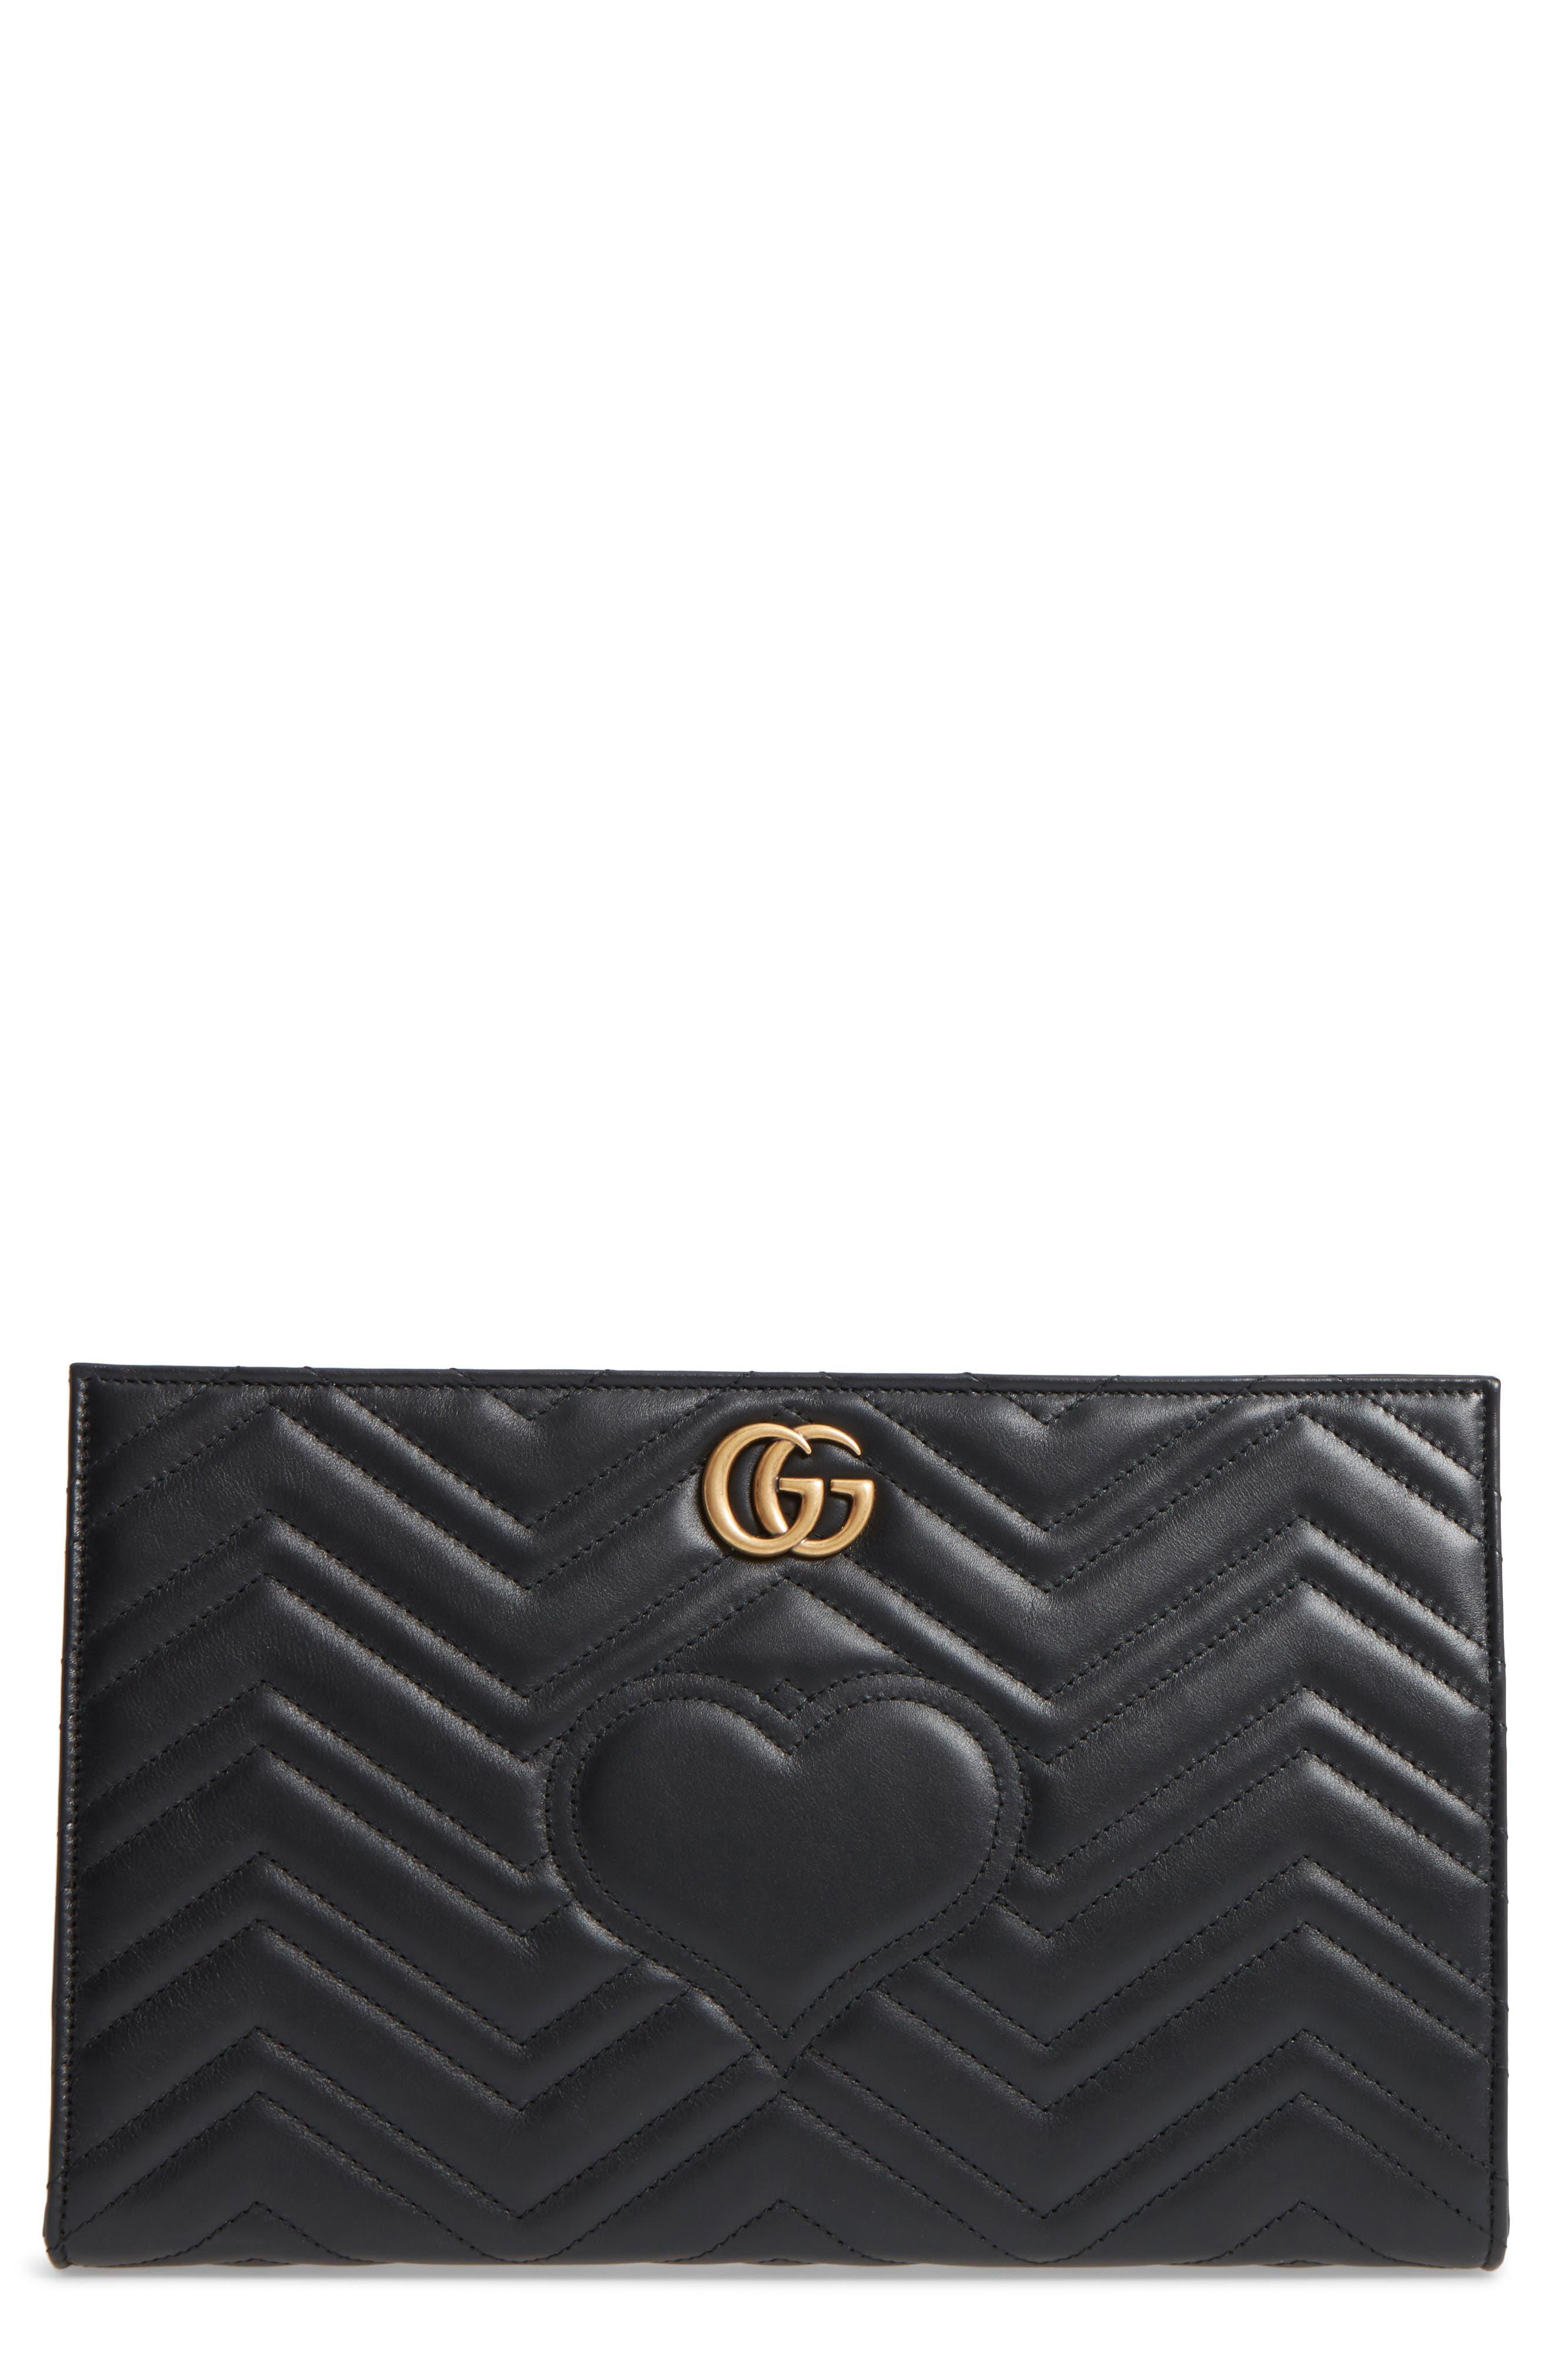 GG Marmont Matelassé Leather Clutch,                         Main,                         color, Nero